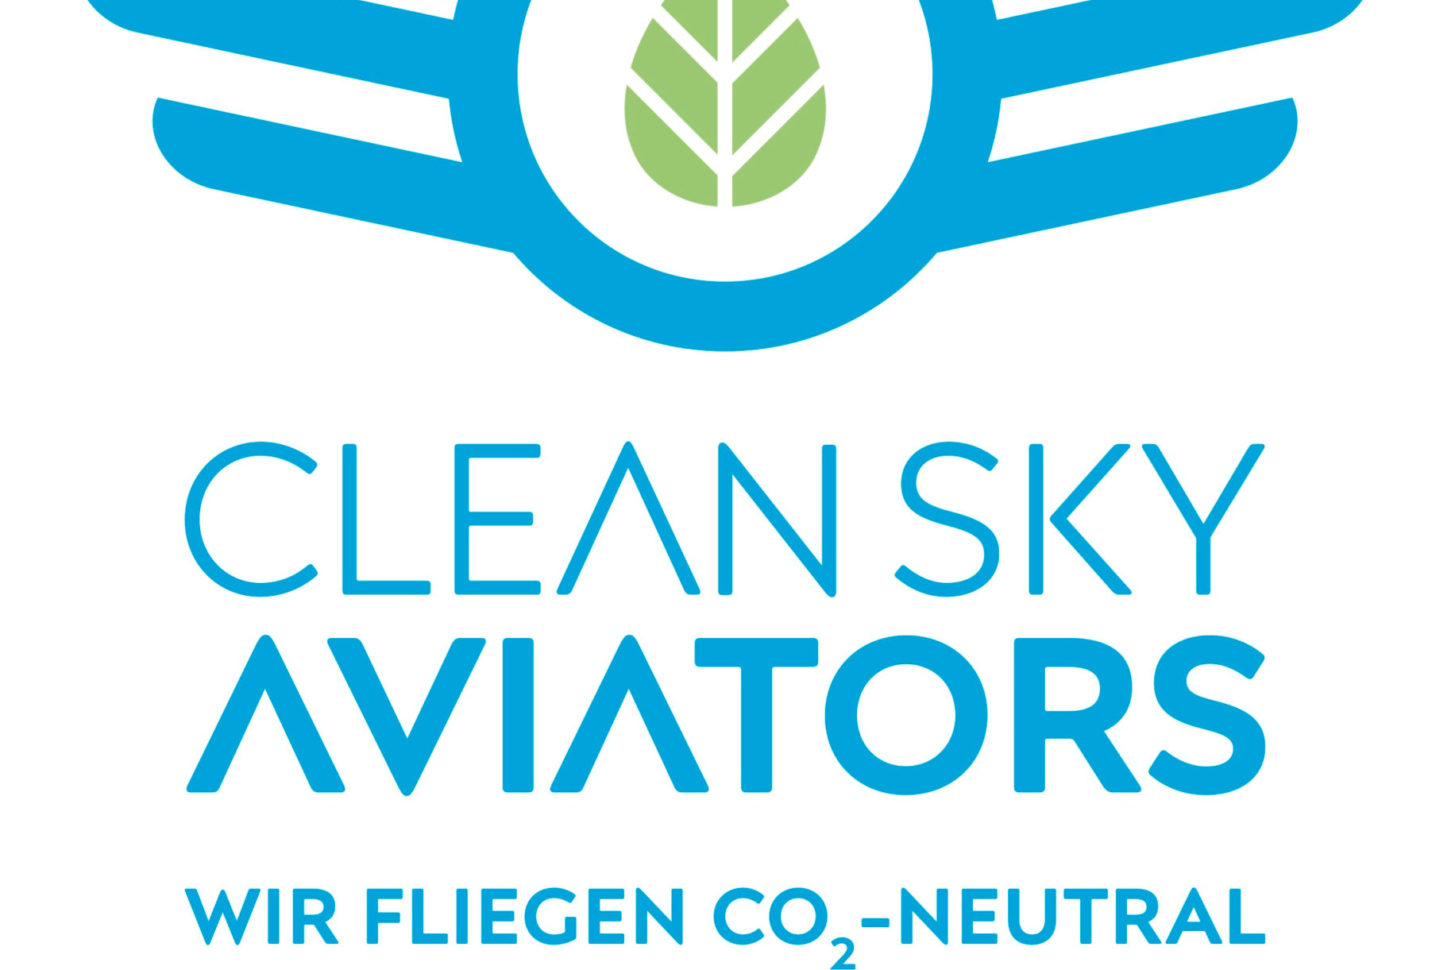 Clean Sky Aviators